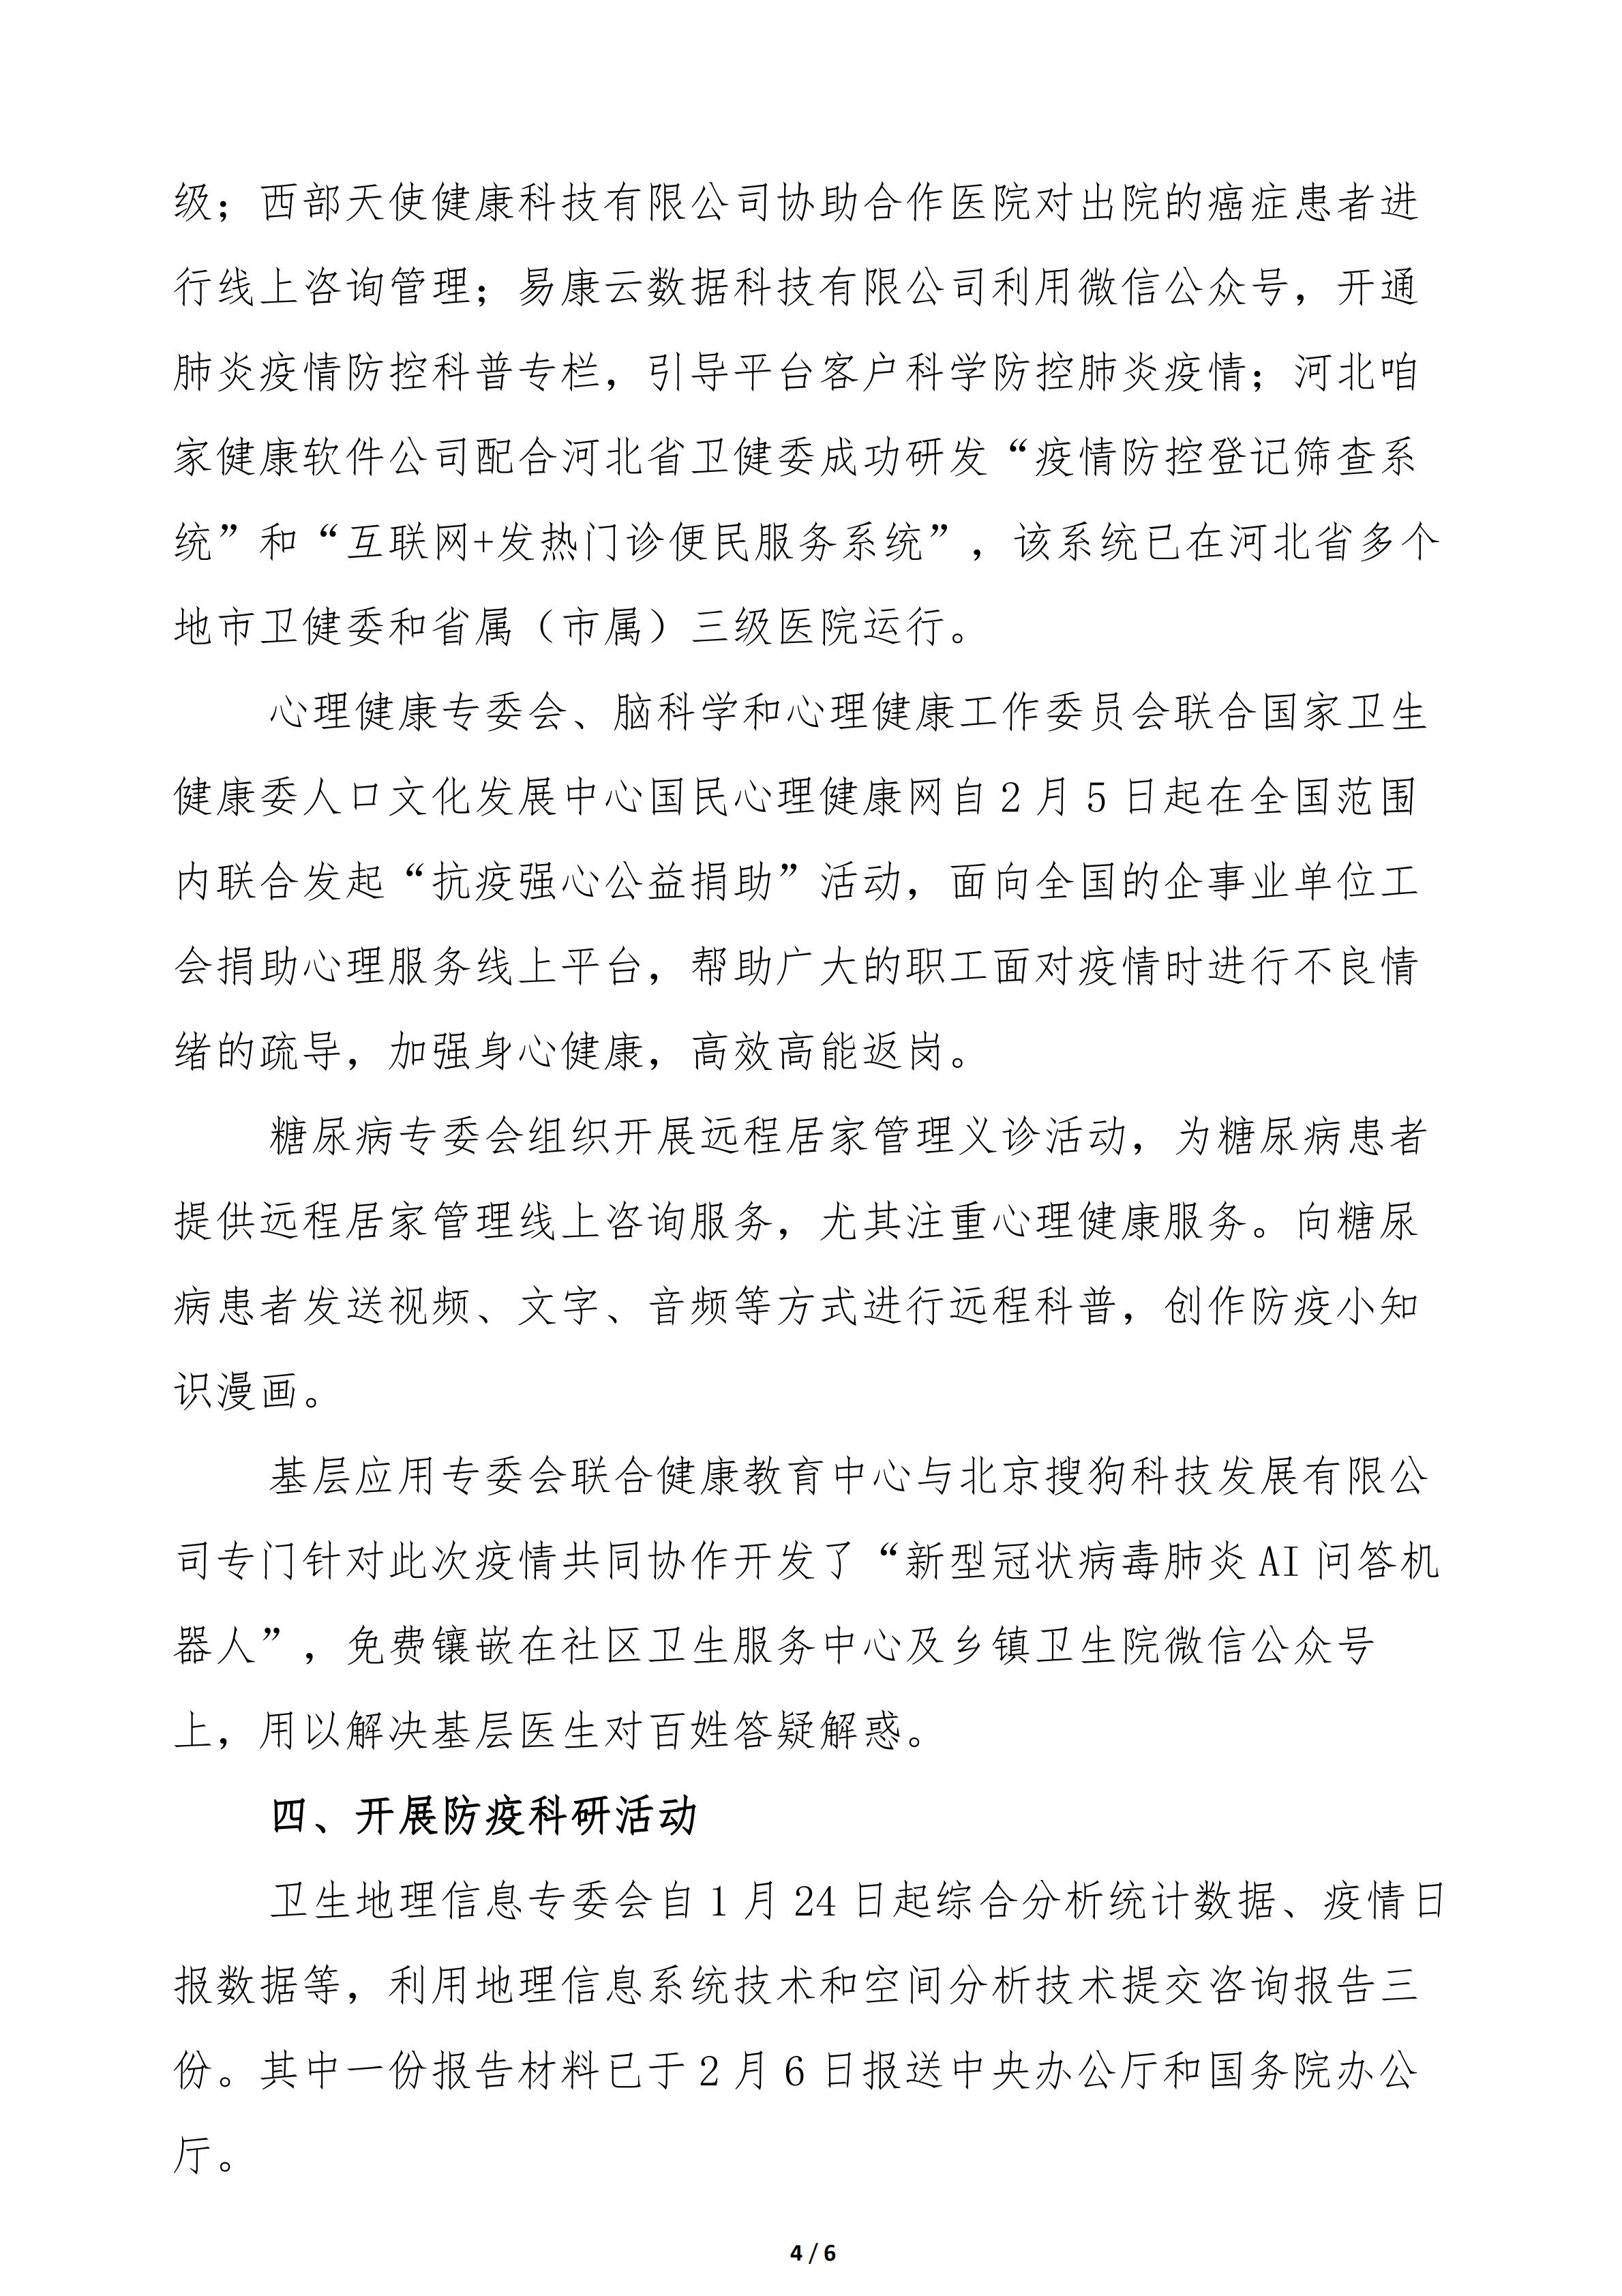 15号文疫情防控 我们在行动—中国卫生信息与健康医疗大数据学会关于参与新冠肺炎疫情防控工作汇报(一)_03.png